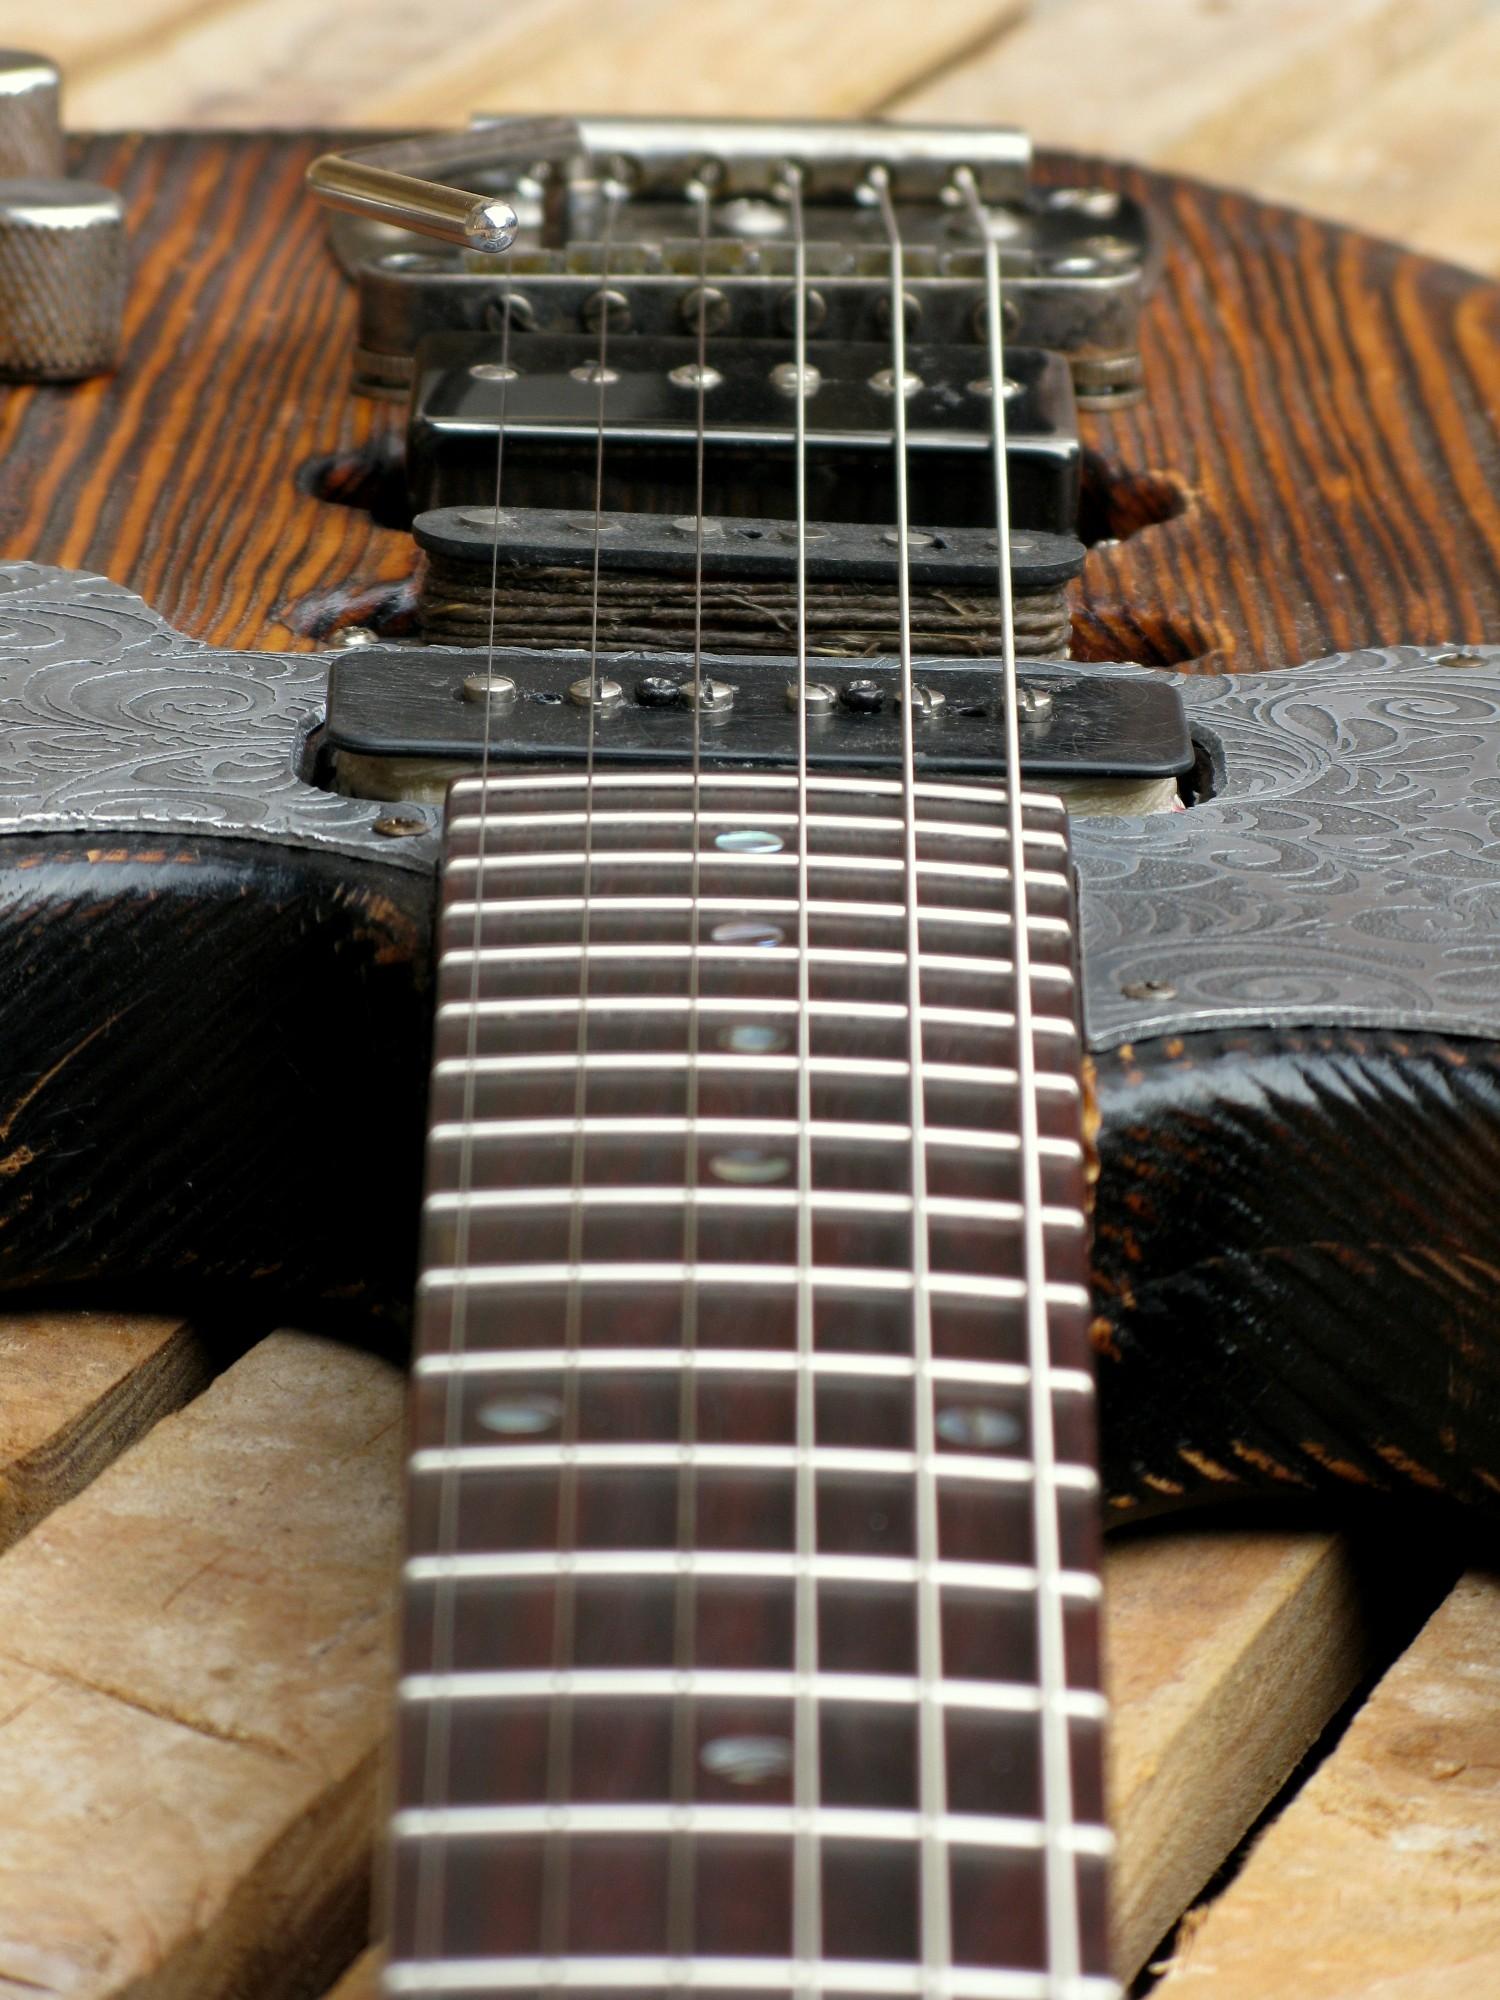 Chitarra modello Stratocaster, body in pino, manico in frassino, reverse: pickups